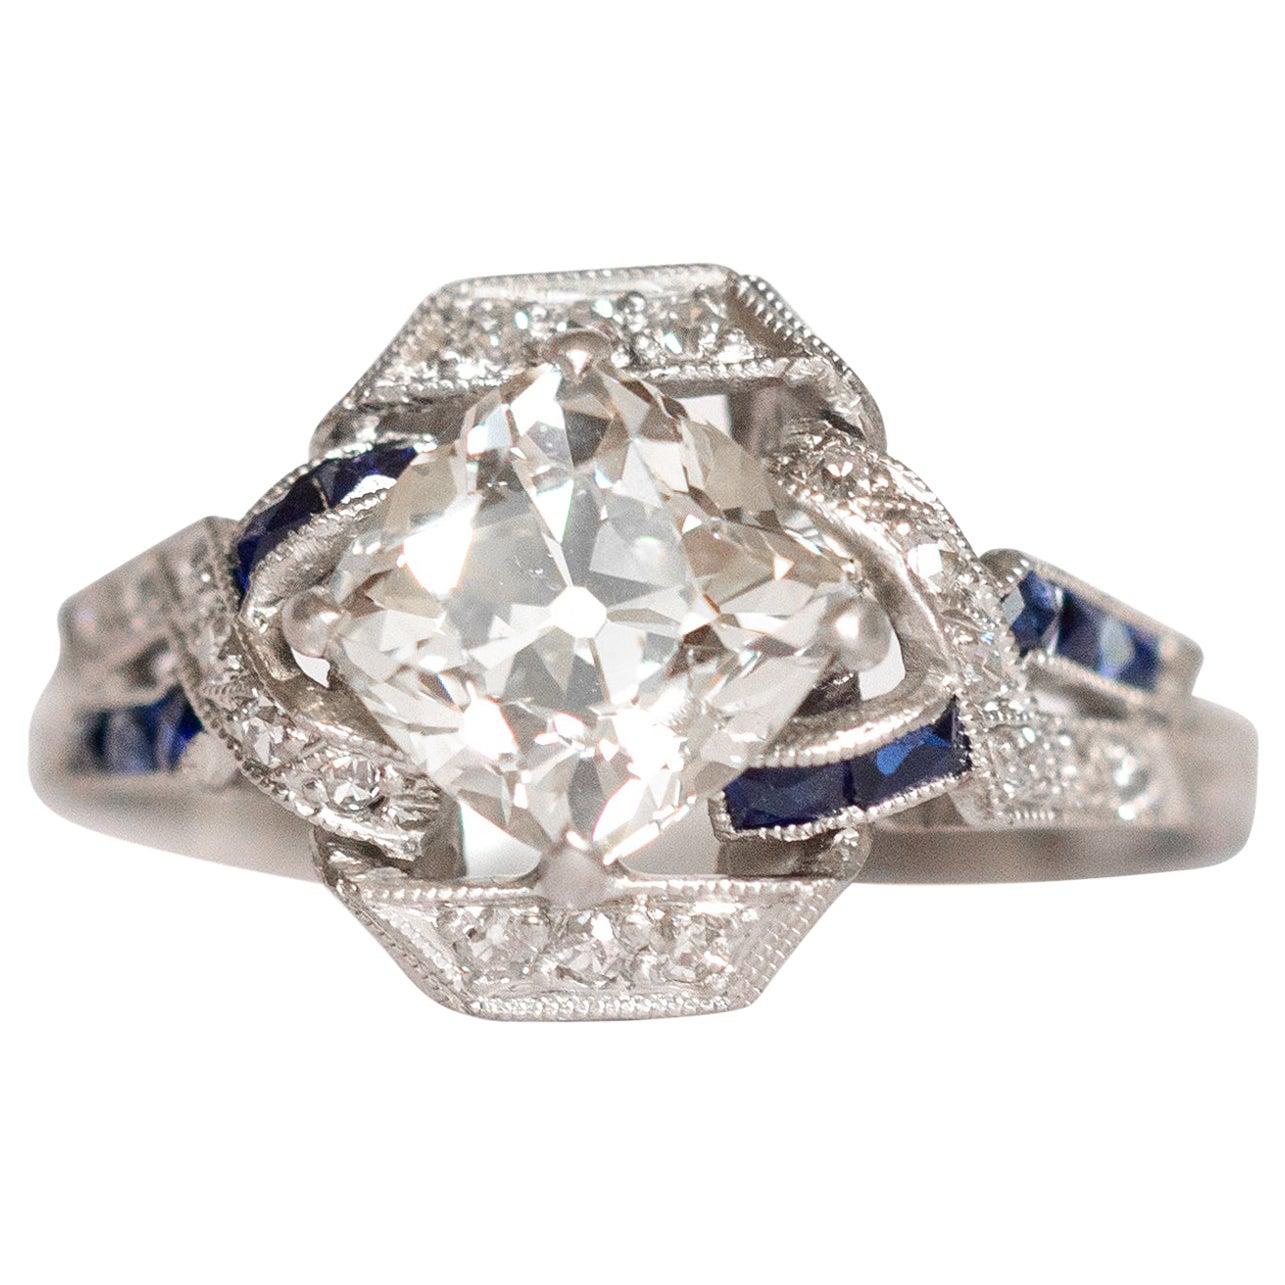 1.56 Carat Diamond Platinum Engagement Ring